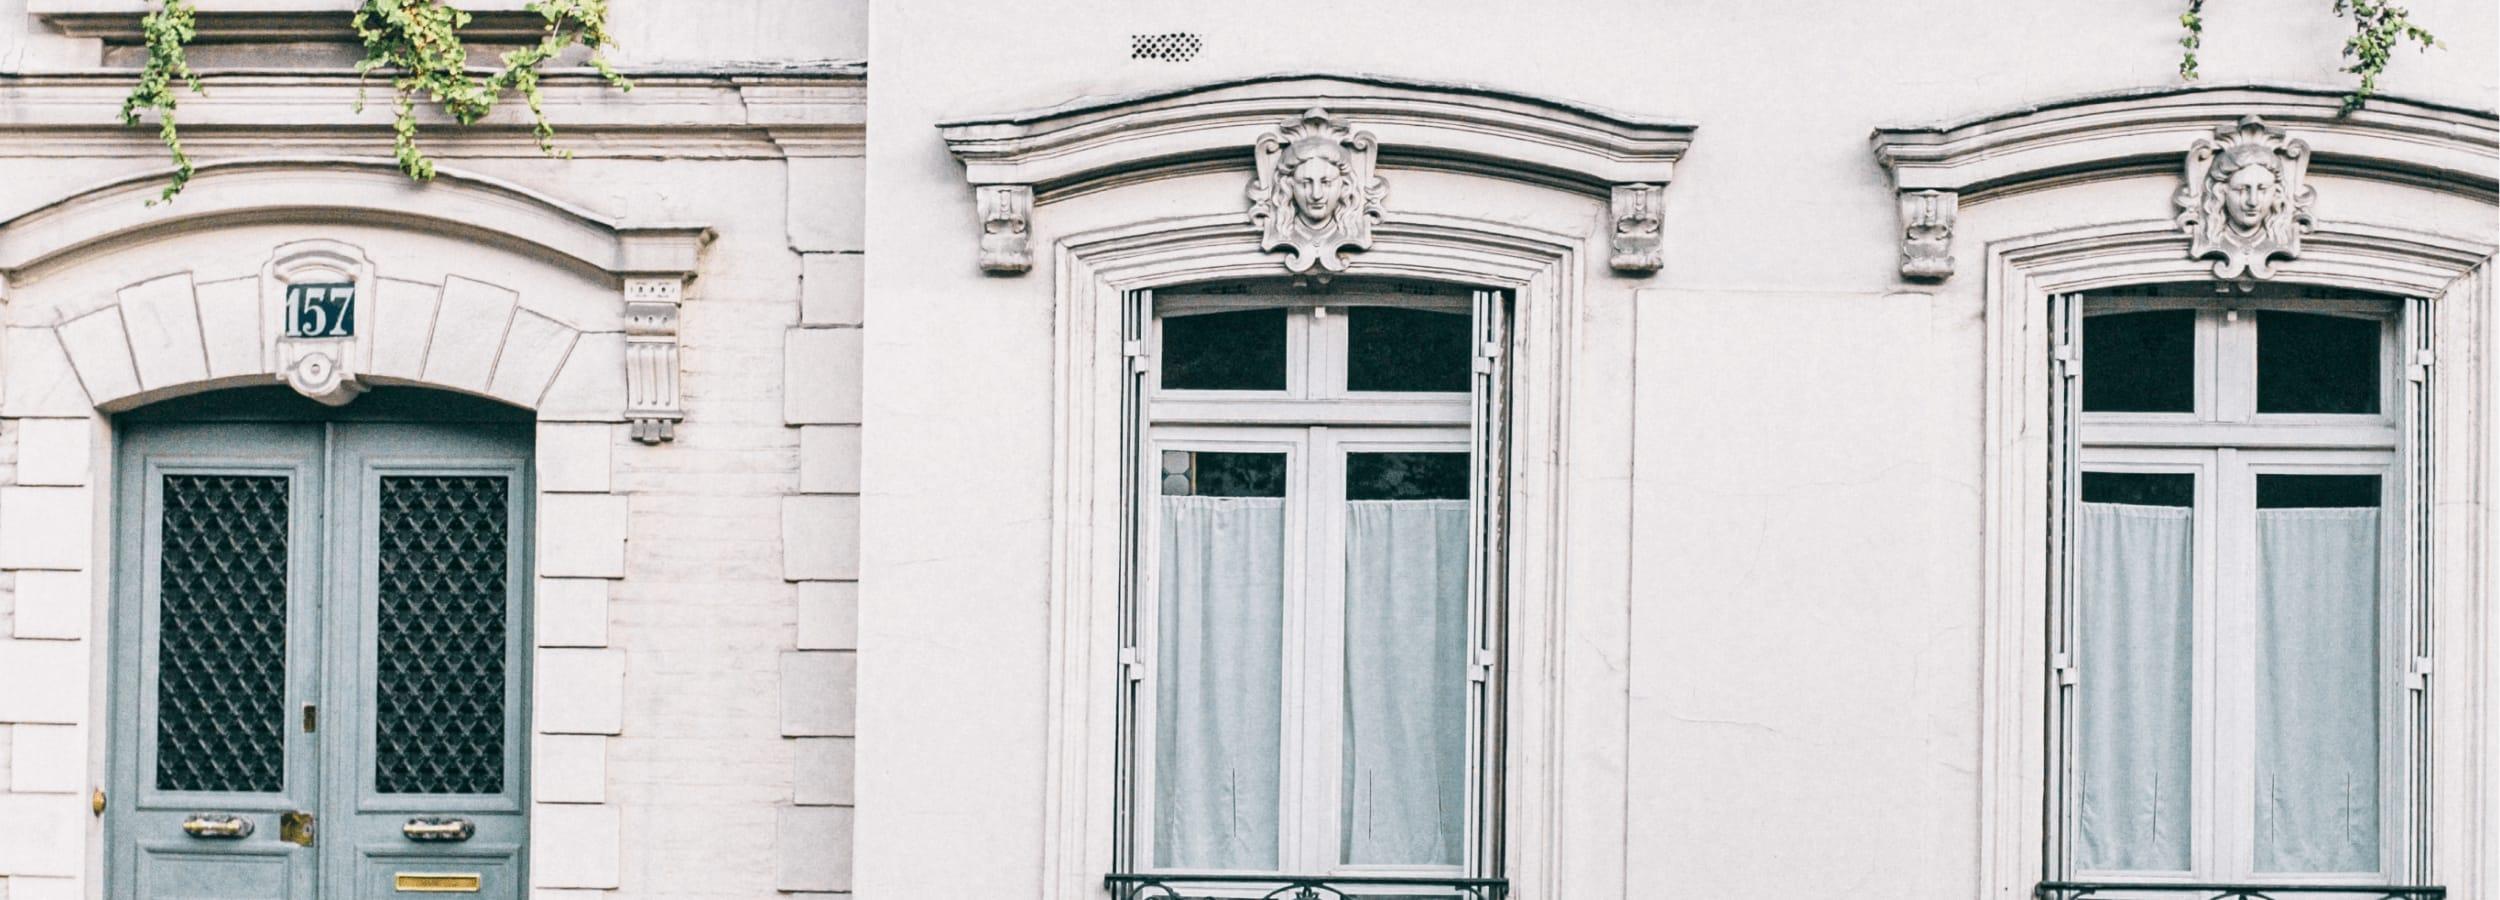 SCI ou indivision : que choisir pour investir dans l'immobilier ?